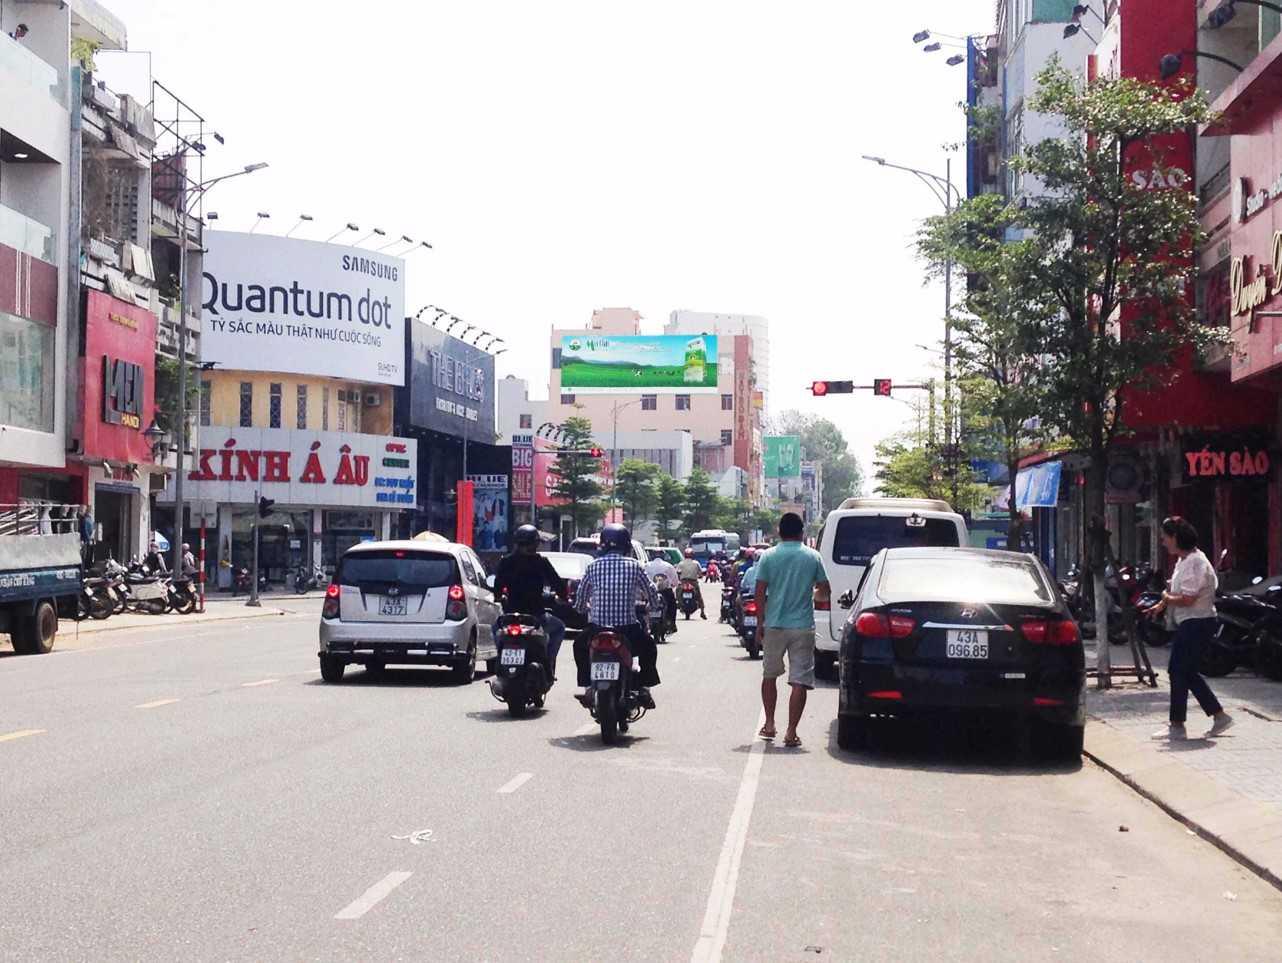 Biển Quảng cáo 66A Lê Duẩn, Đà Nẵng